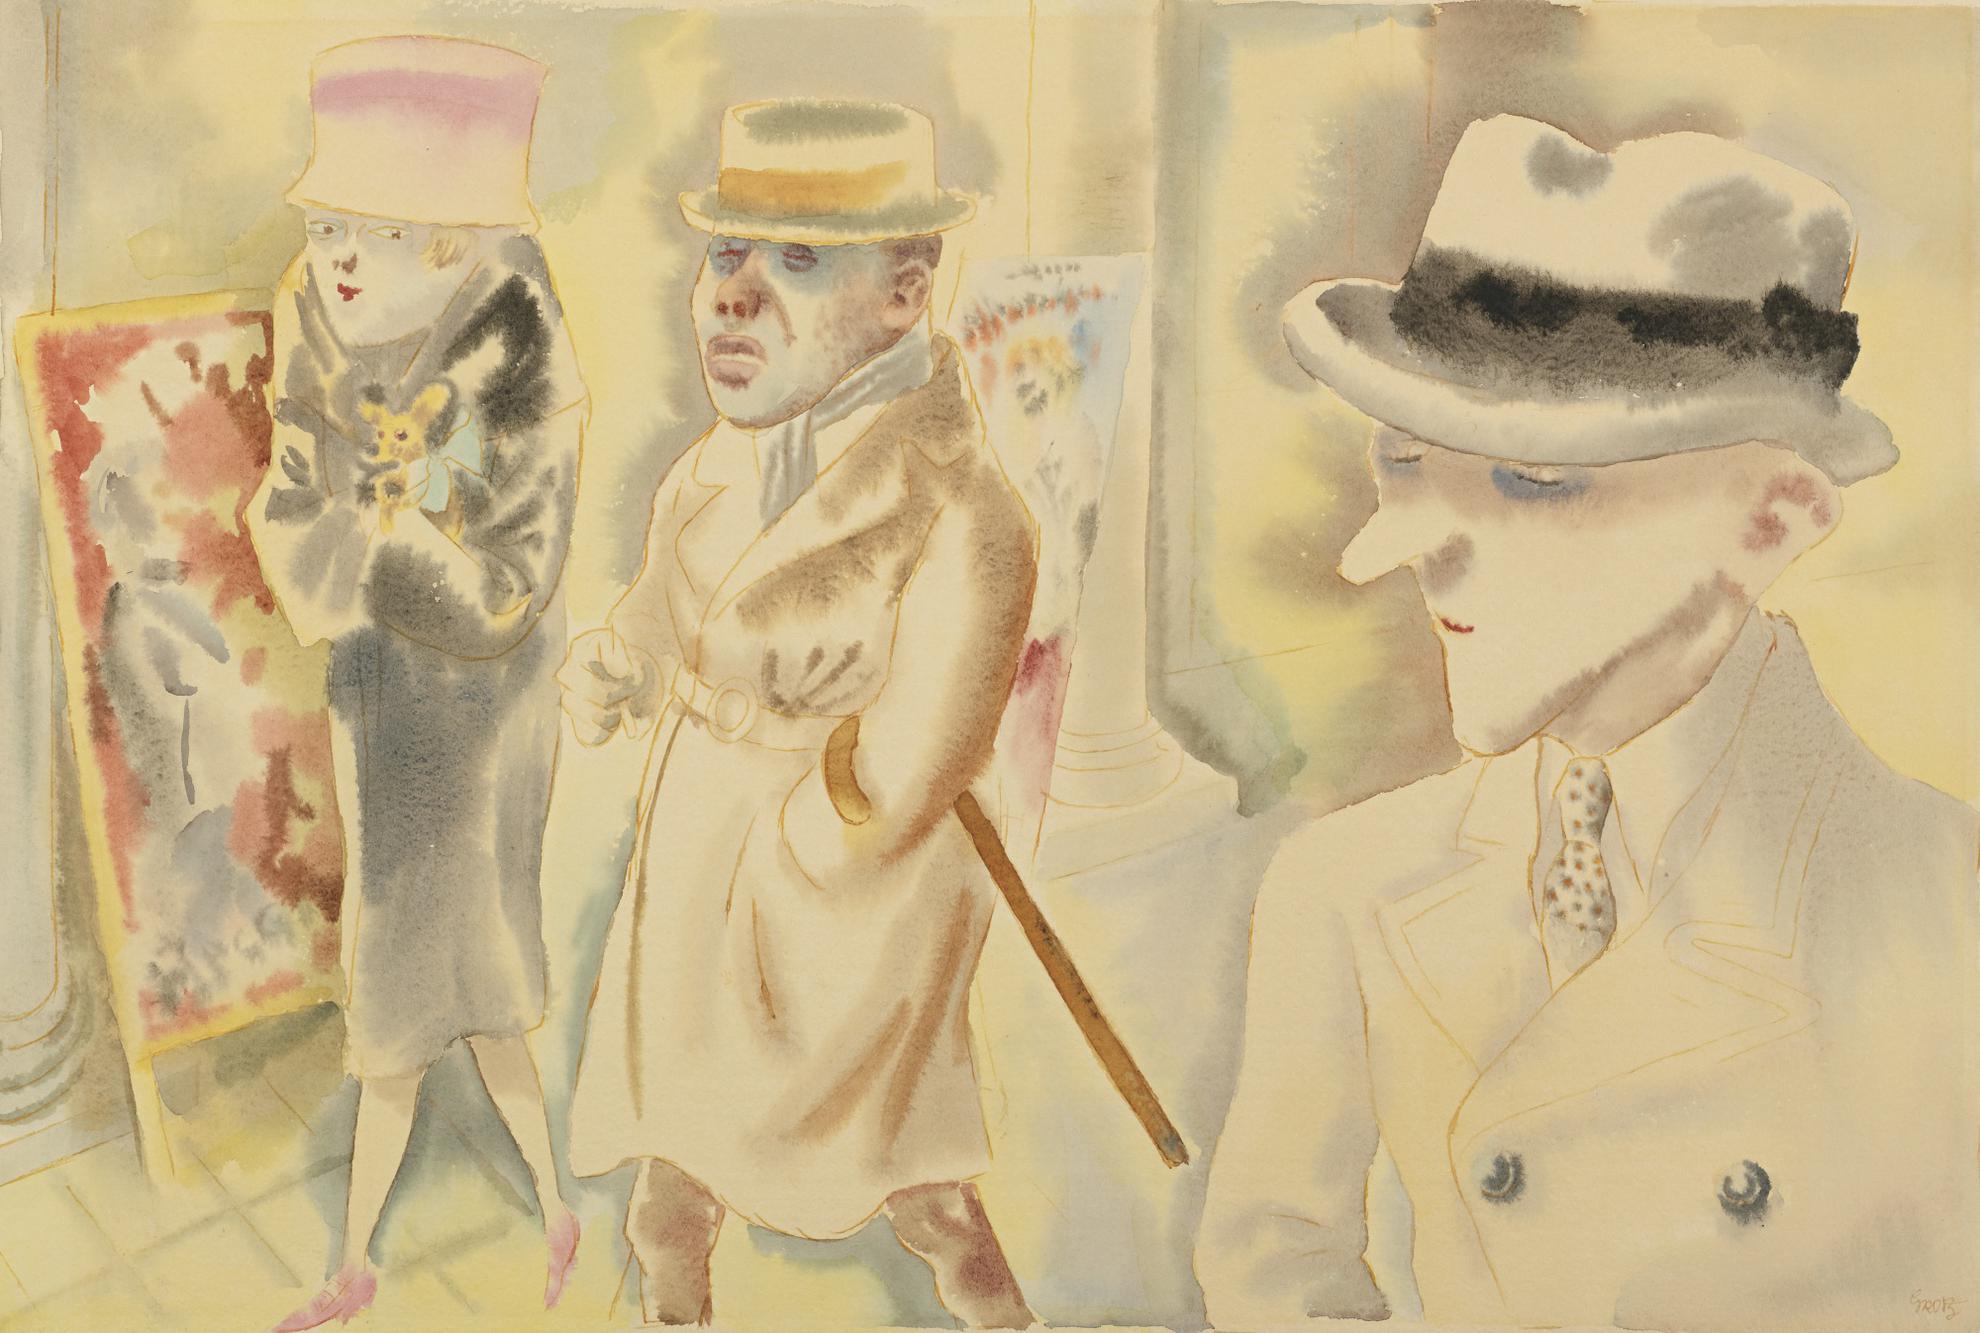 George Grosz-Strassenszene, Berlin, Jugendzeit, Quallen (Street Scene, Berlin, Youth, Urchin)-1925